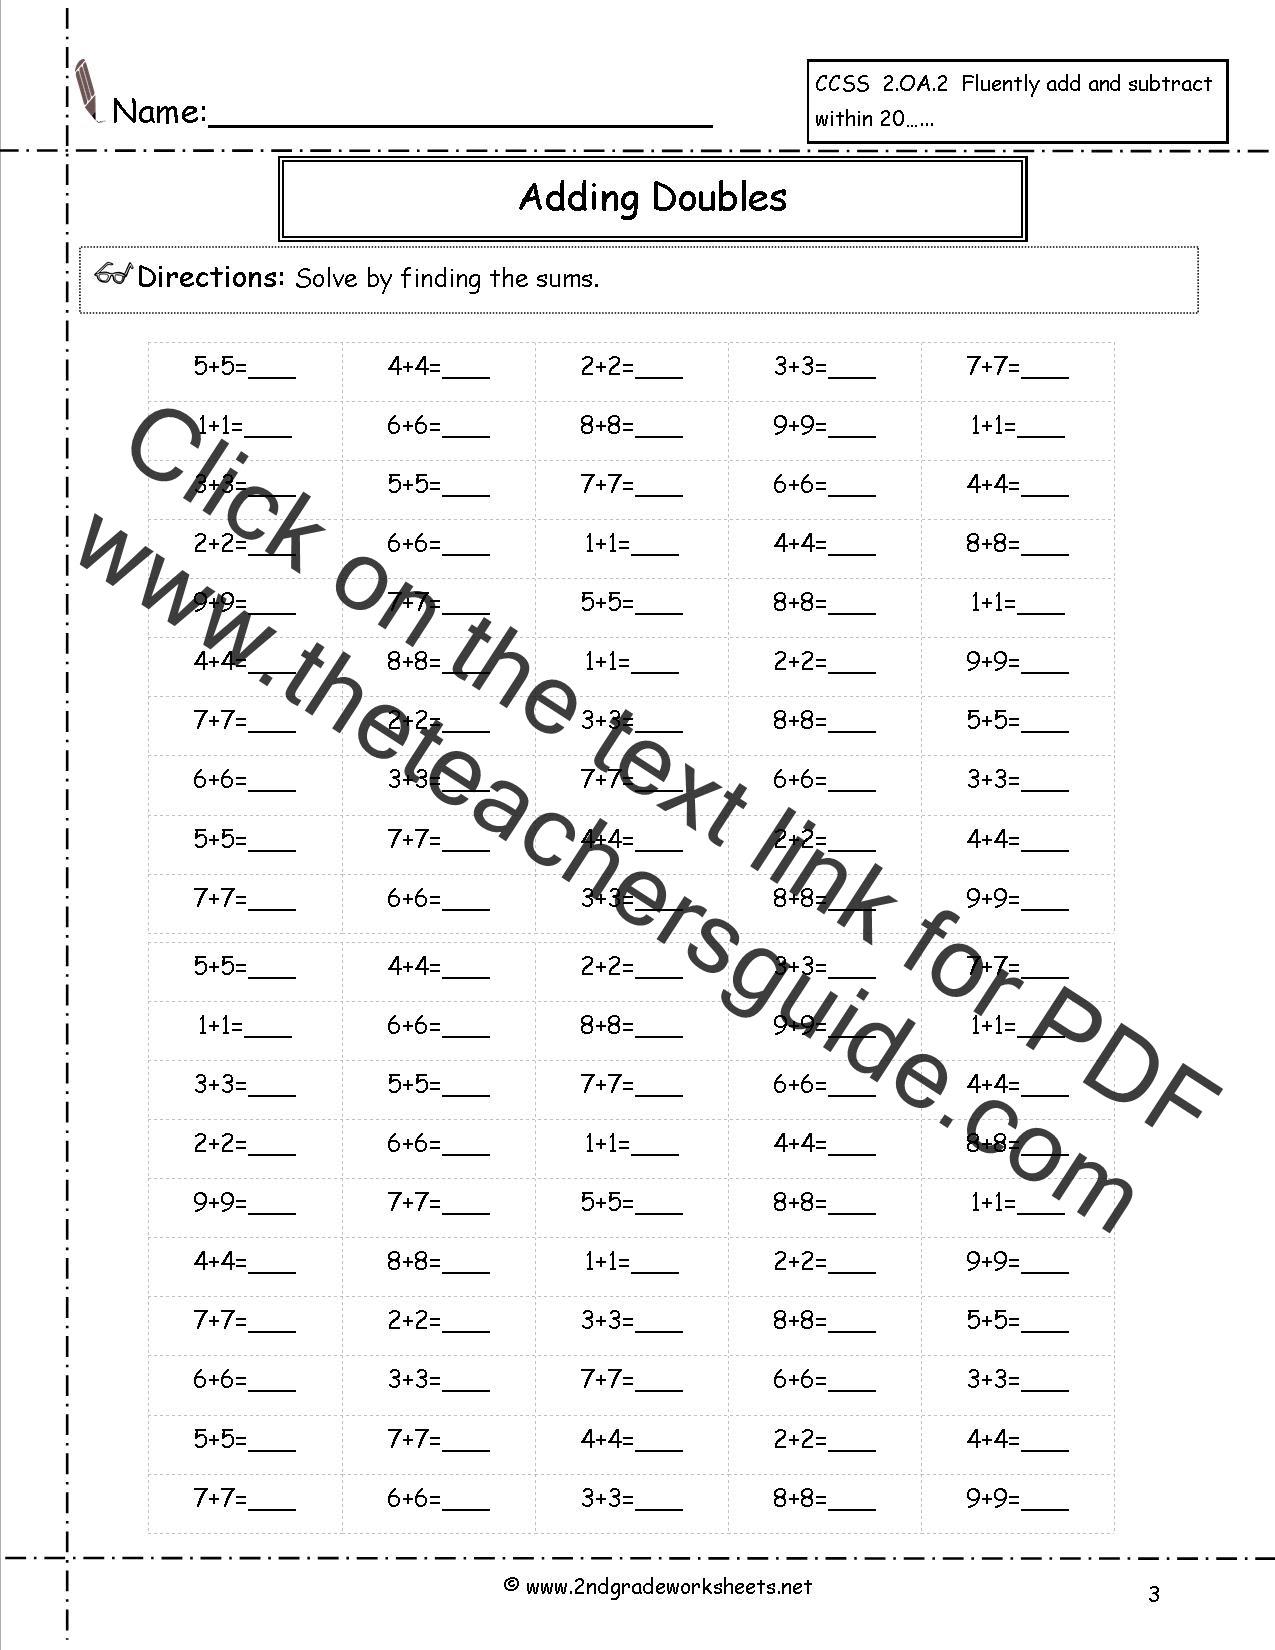 Test Of Genius Worksheet - Nidecmege